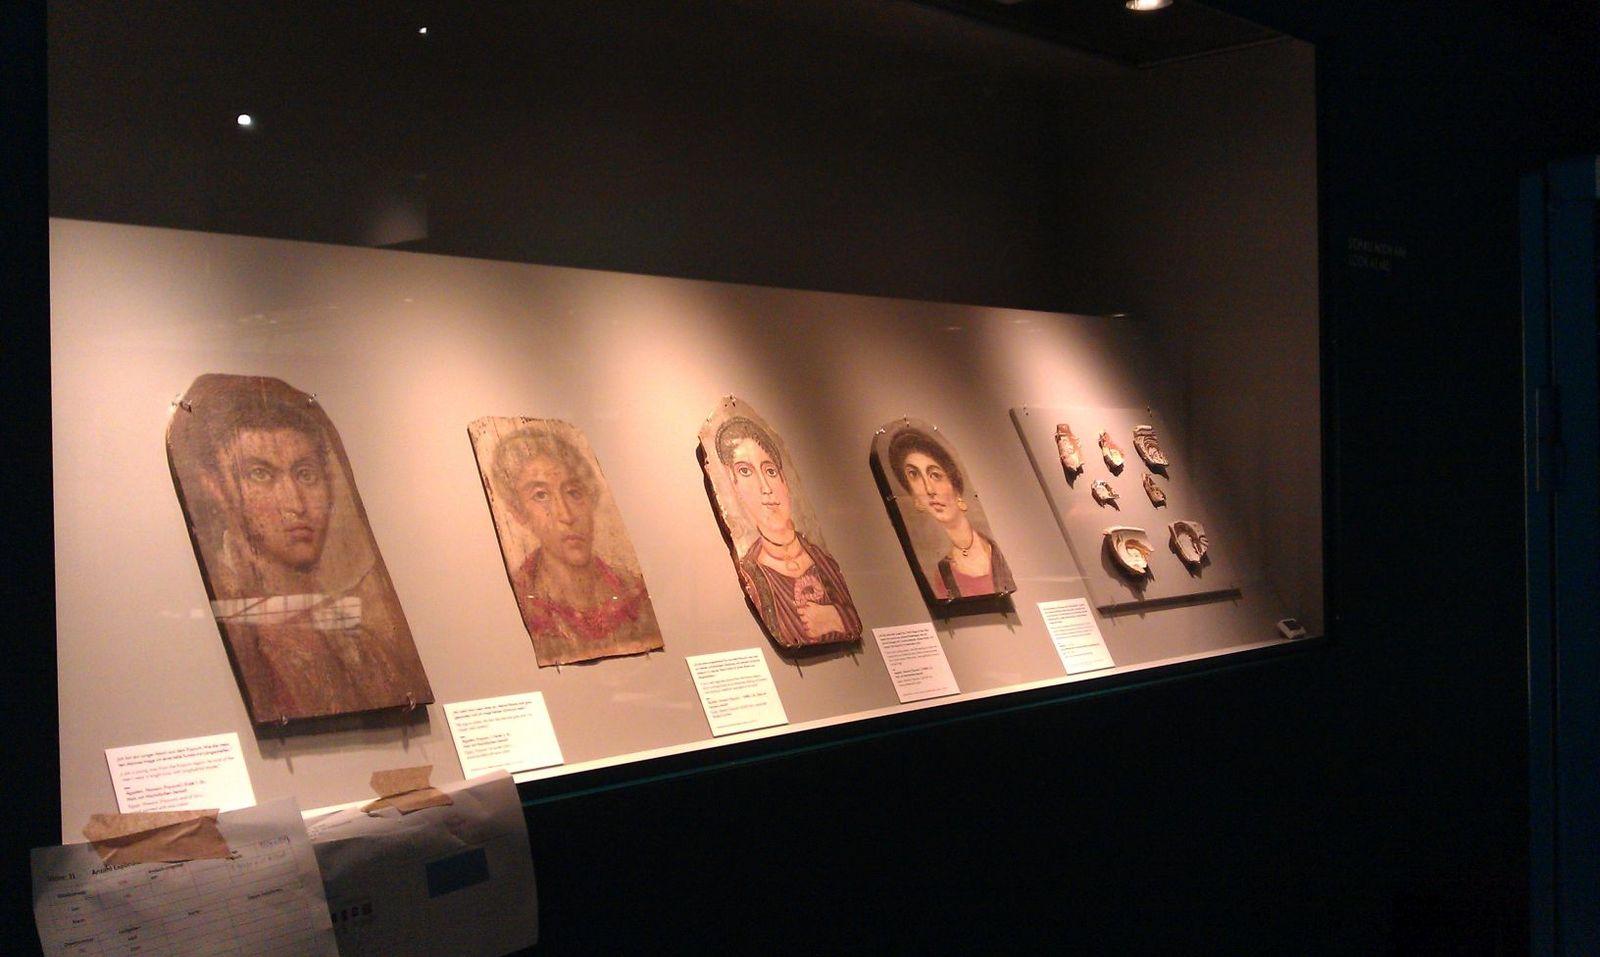 Vitrinensituation im Bode-Museum während des Aufbaus und während der Ausstellung